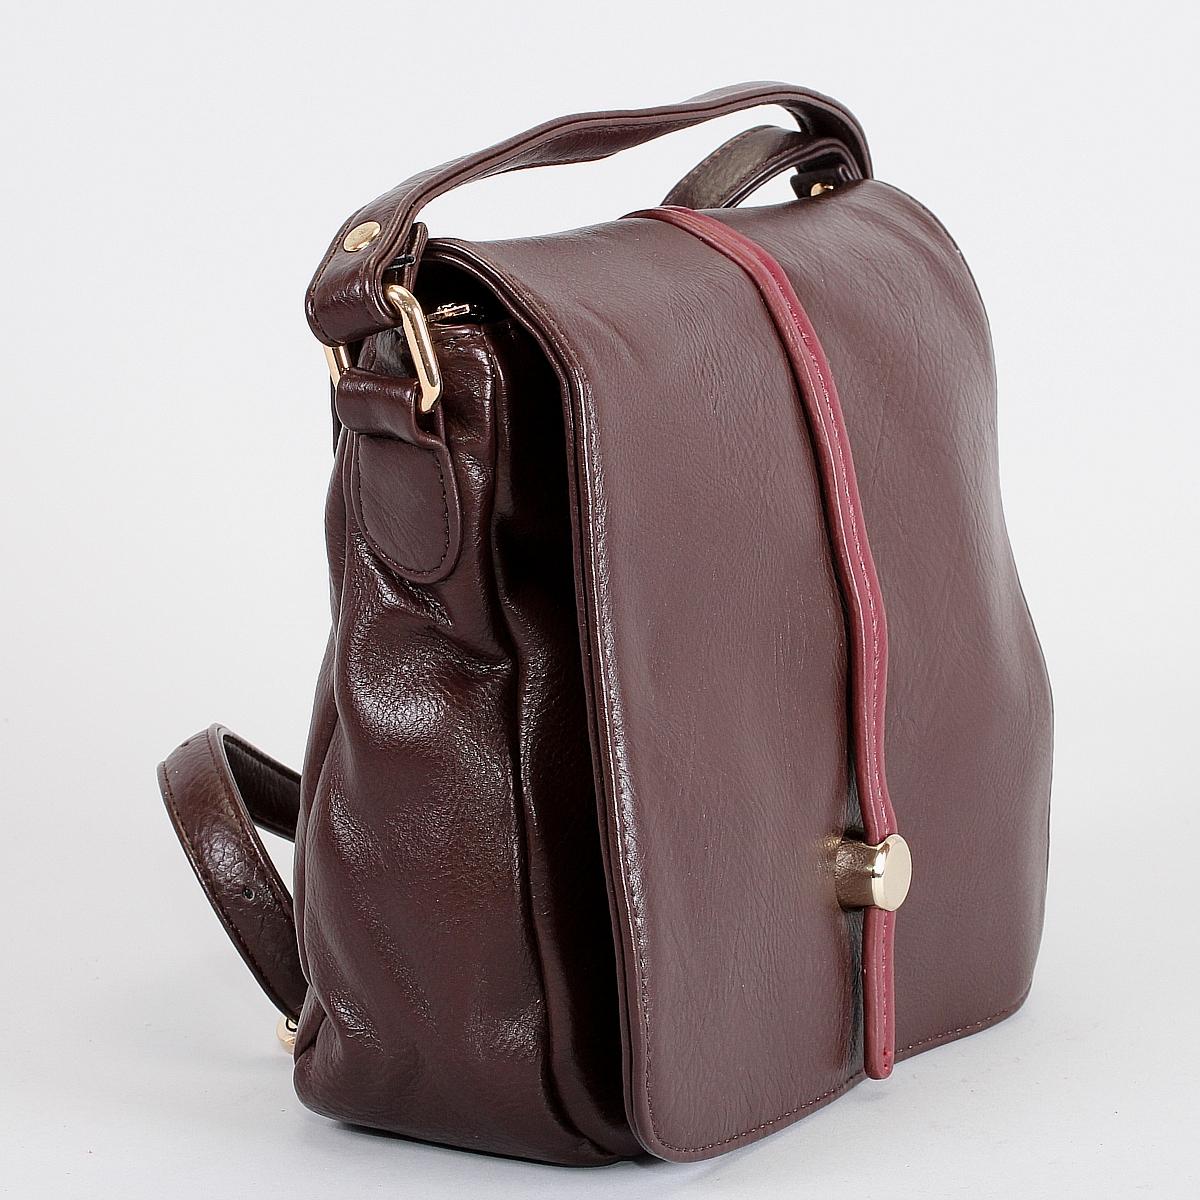 Сумка кросс-боди женская Leighton, цвет: коричневый. 10960-5594/292/46/551 ( 10960-5594/292/46/551 )